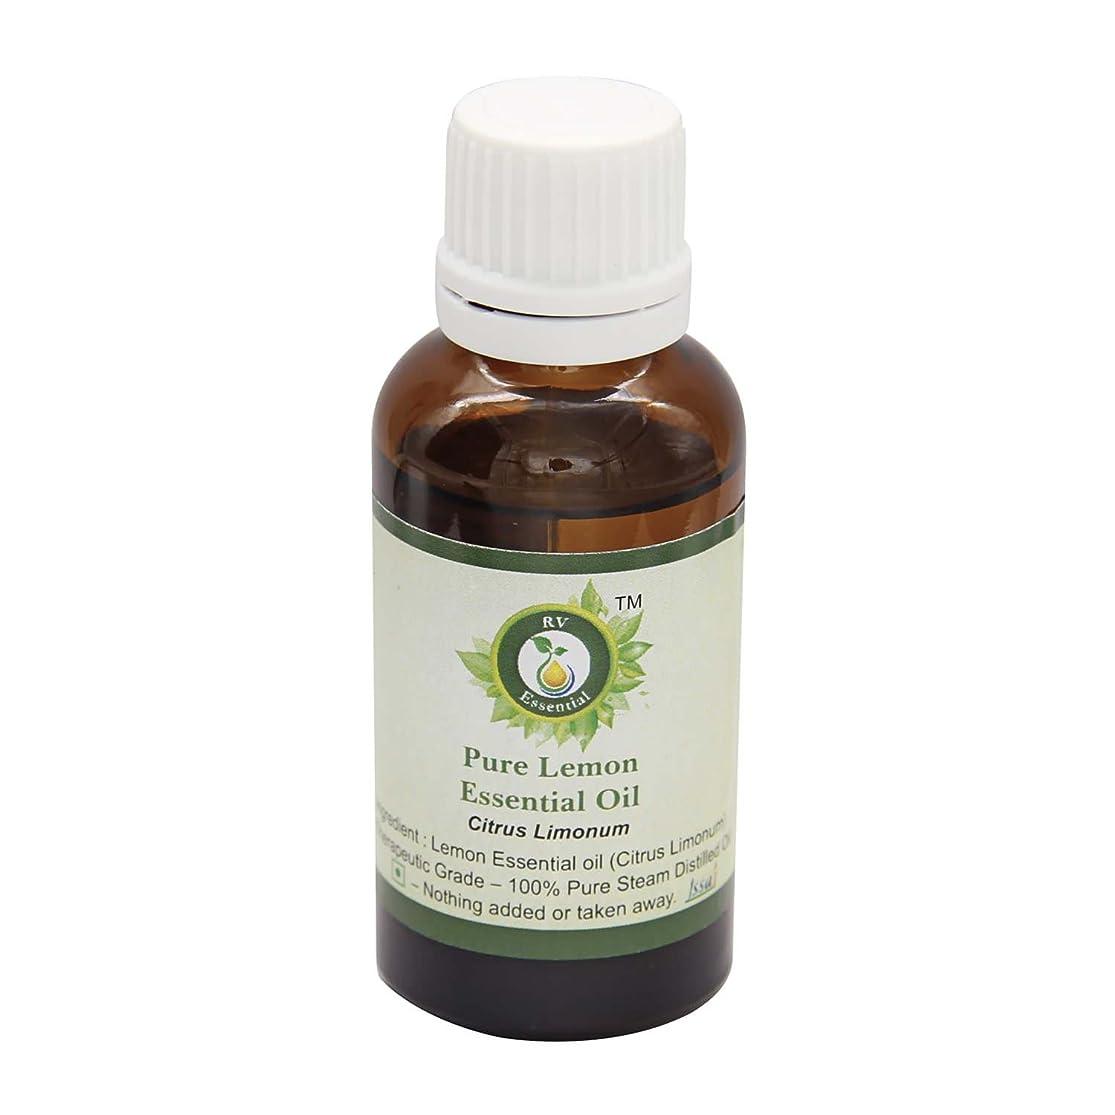 ベッツィトロットウッド軽く欠乏R V Essential ピュアレモンエッセンシャルオイル100ml (3.38oz)- Citrus Limonum (100%純粋&天然スチームDistilled) Pure Lemon Essential Oil